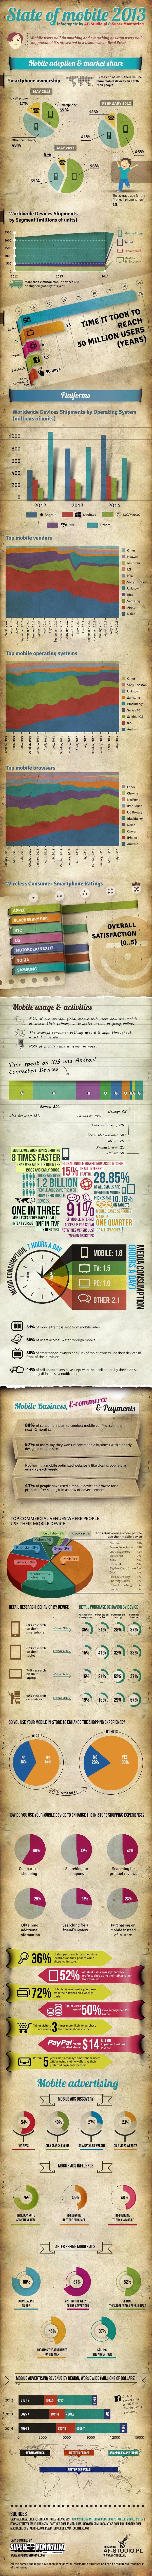 [Infographic] De status van mobiel - 2013.